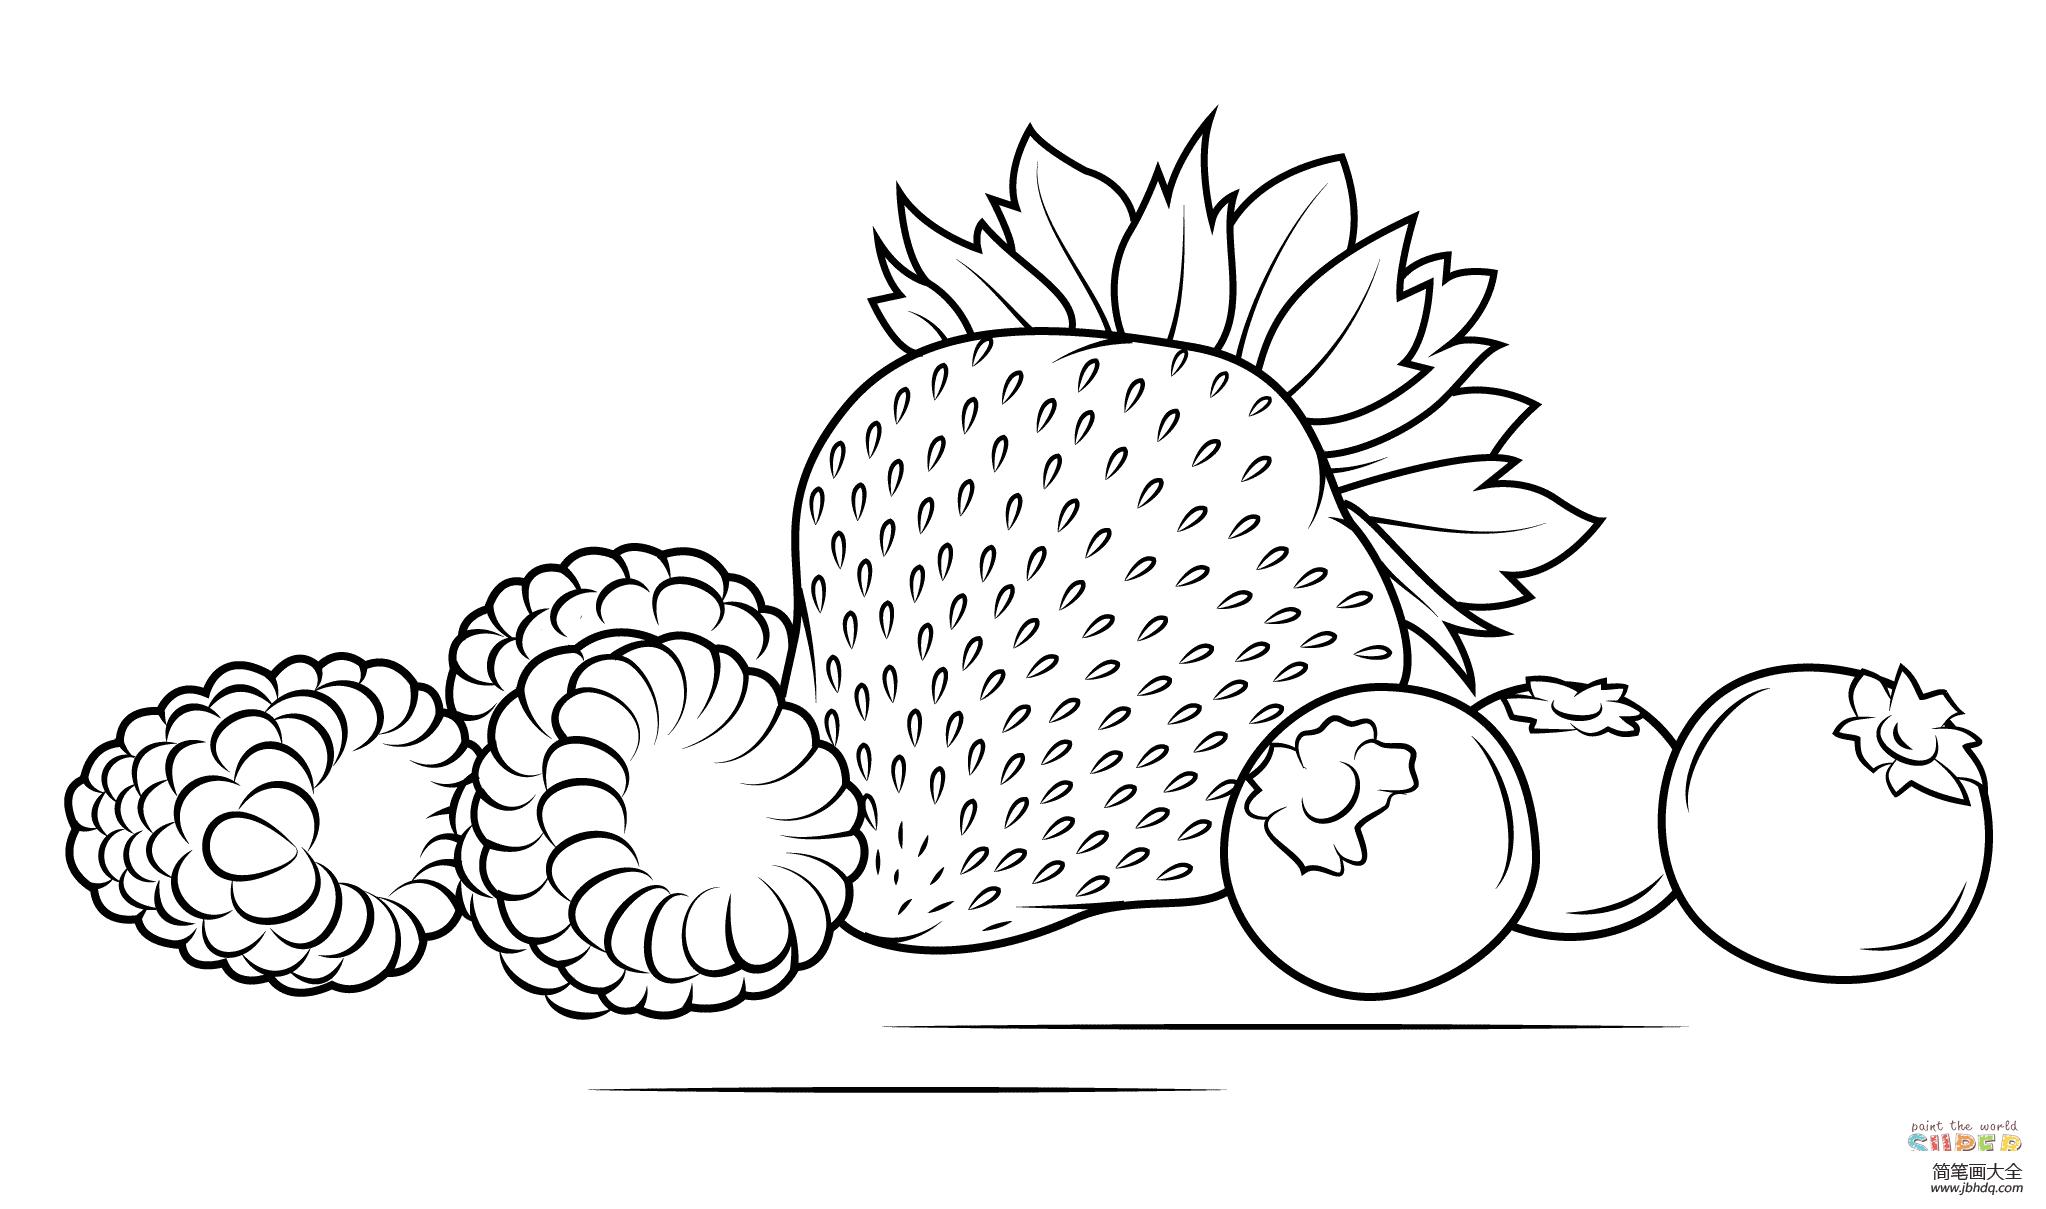 【草莓的画法简笔画图片】水果简笔画,草莓的画法